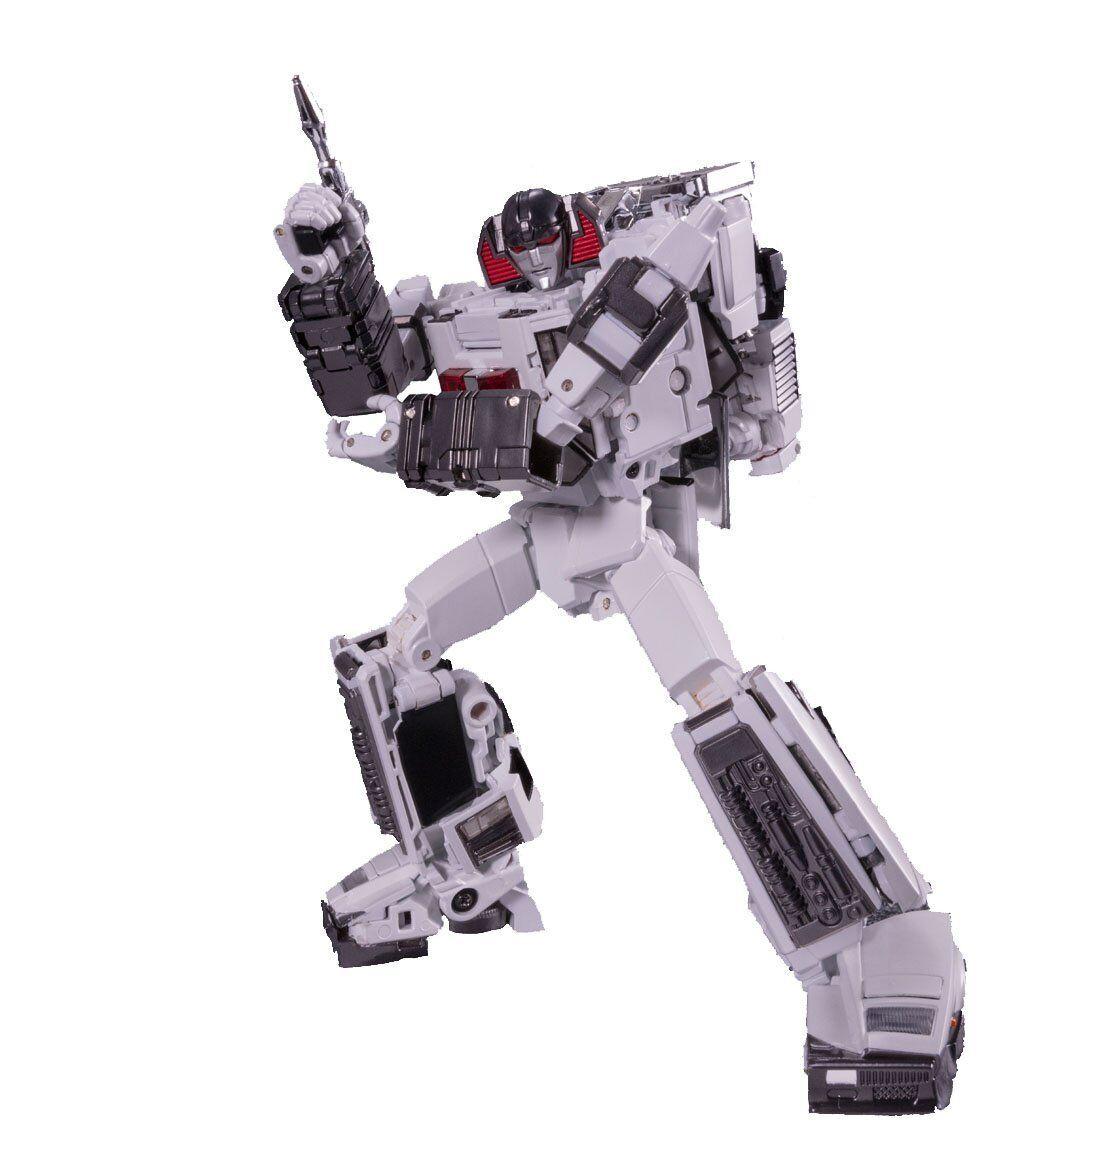 Takara Tomy Transformers Masterpiece MP-42 Cordon versión japonesa